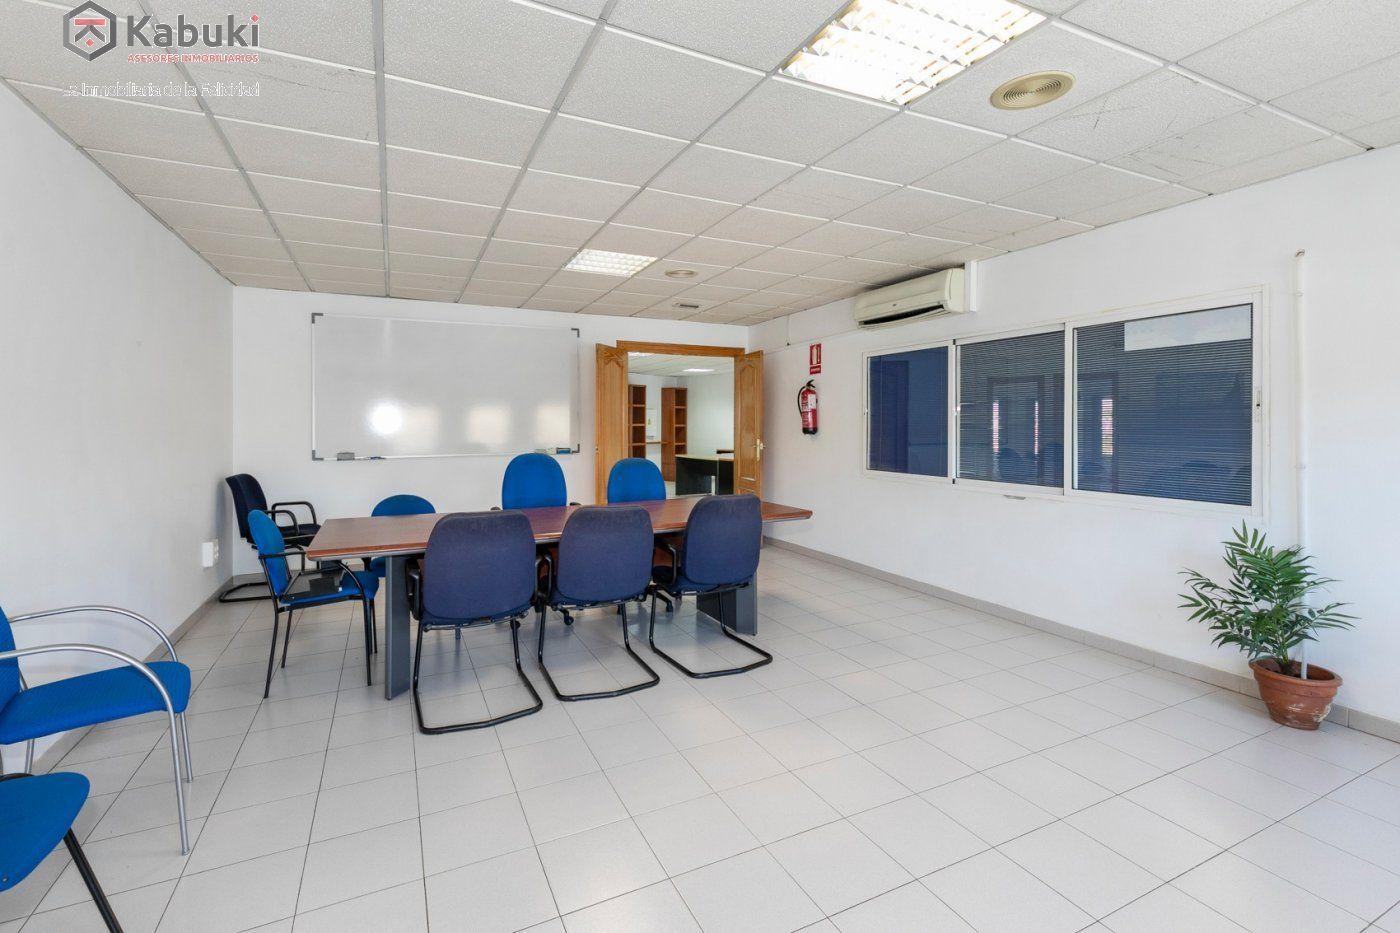 Magnífica oficina luminosa con un inmejorable acceso desde la circunvalación - imagenInmueble3